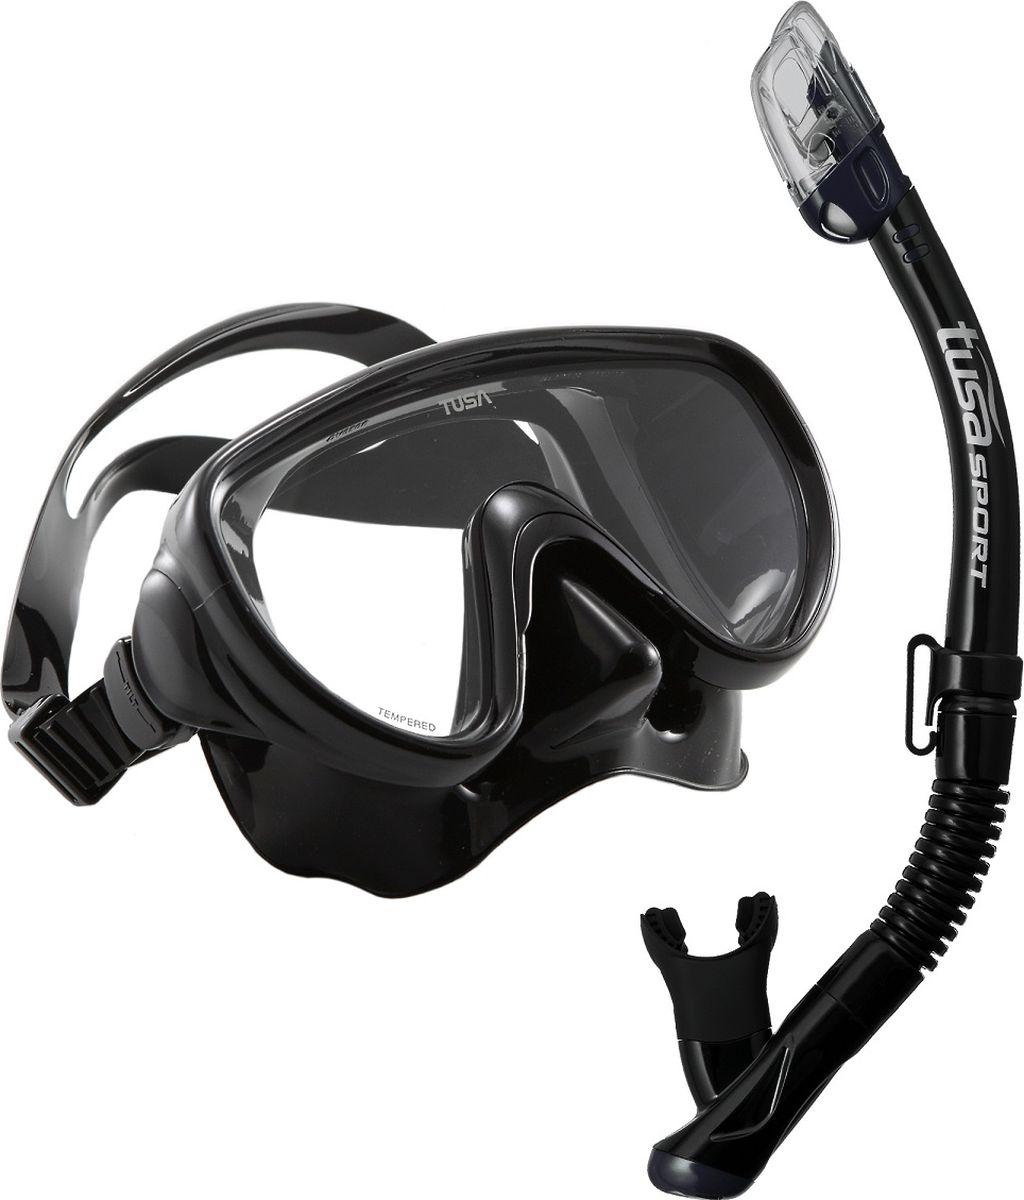 Набор для плавания Tusa Sport, цвет: черный. UCR-1625BK/MBUCR-1625 BK/BKКомплект UCR-1625 состоит из маски UMR-16 и трубки с сухим клапаном USP-250.Маска UMR-16 – однолинзовая компактная маска с широким обзором. Силиконовый обтюратор со скругленными краями мягко повторяет контуры лица. После плавания с такой маской почти не остается следов на лице. Трехмерный ремешок применяемый для фиксации маски на голове, точно повторяет затылочный изгиб и надежно удерживает маску на голове. Быструю регулировку обеспечивают 5-ти позиционные пряжки. Они позволяют отрегулировать натяжение и угол наклона ремешка для наилучшей посадки маски на лице. Линза маски выполнена из закаленного стекла. Обтюратор полностью выполнен из 100% медицинского силикона. Трубка USP-250 – оснащена сухим клапаном, который закрывает трубку и предотвращает попадание в нее воды при погружении. Большая дренажная камера с клапаном позволяет легко удалять воду при забрызгивании. Удобный загубник снимает нагрузку с челюстных мышц. Гибкий сегмент позволяет использовать трубку для дайвинга.